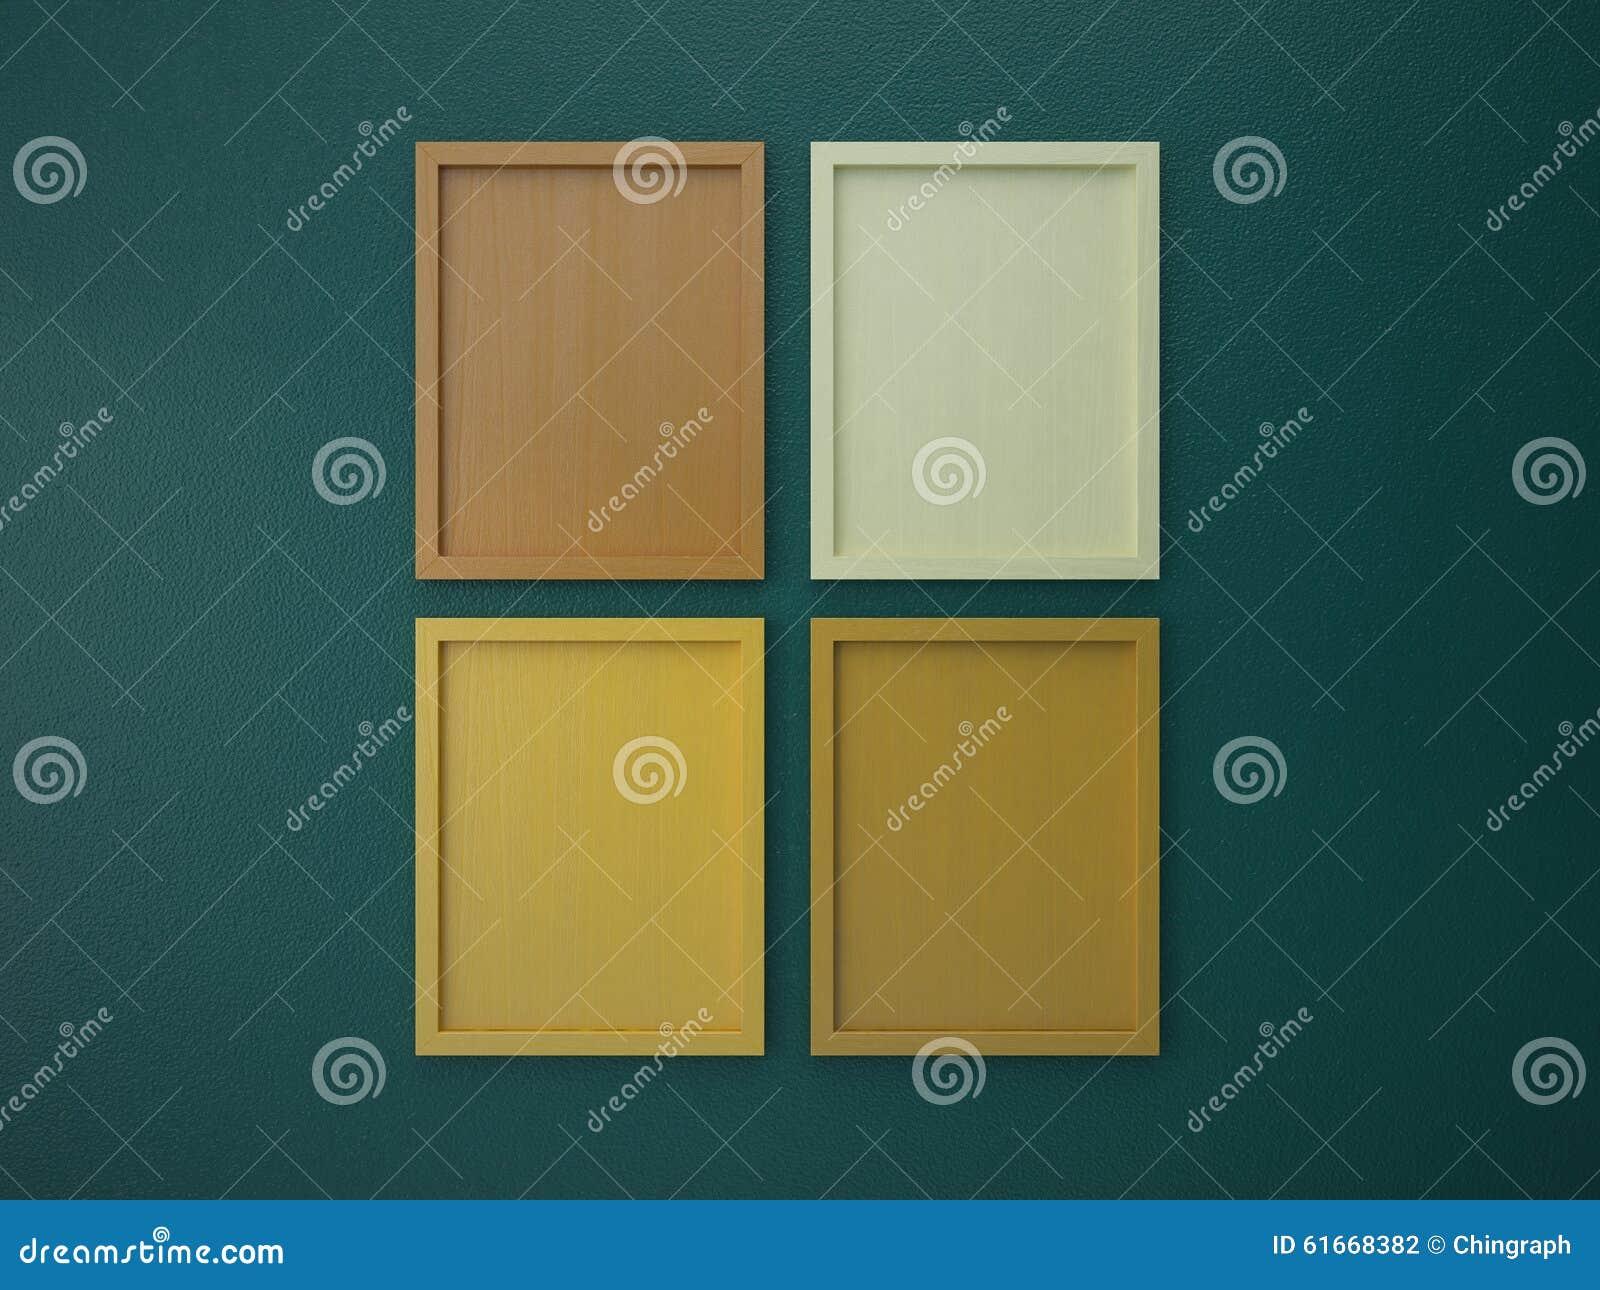 Leeg kader op de binnenlandse kleur van de muur groene en oranje ...